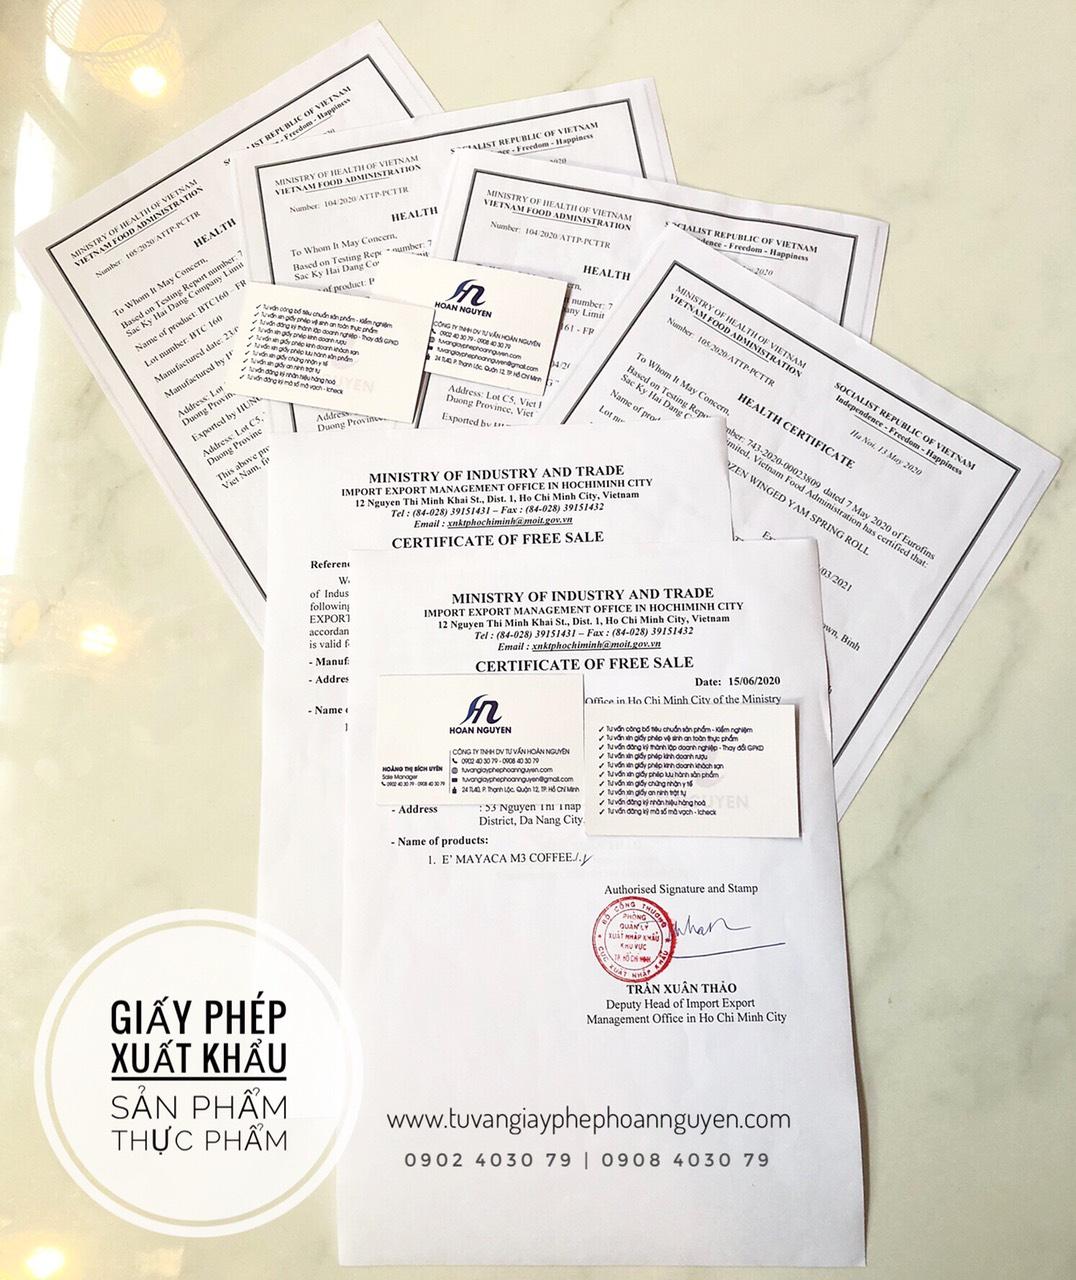 Tư vấn làm trọn gói giấy phép xuất khẩu sản phẩm (Ảnh HOÀN NGUYÊN)